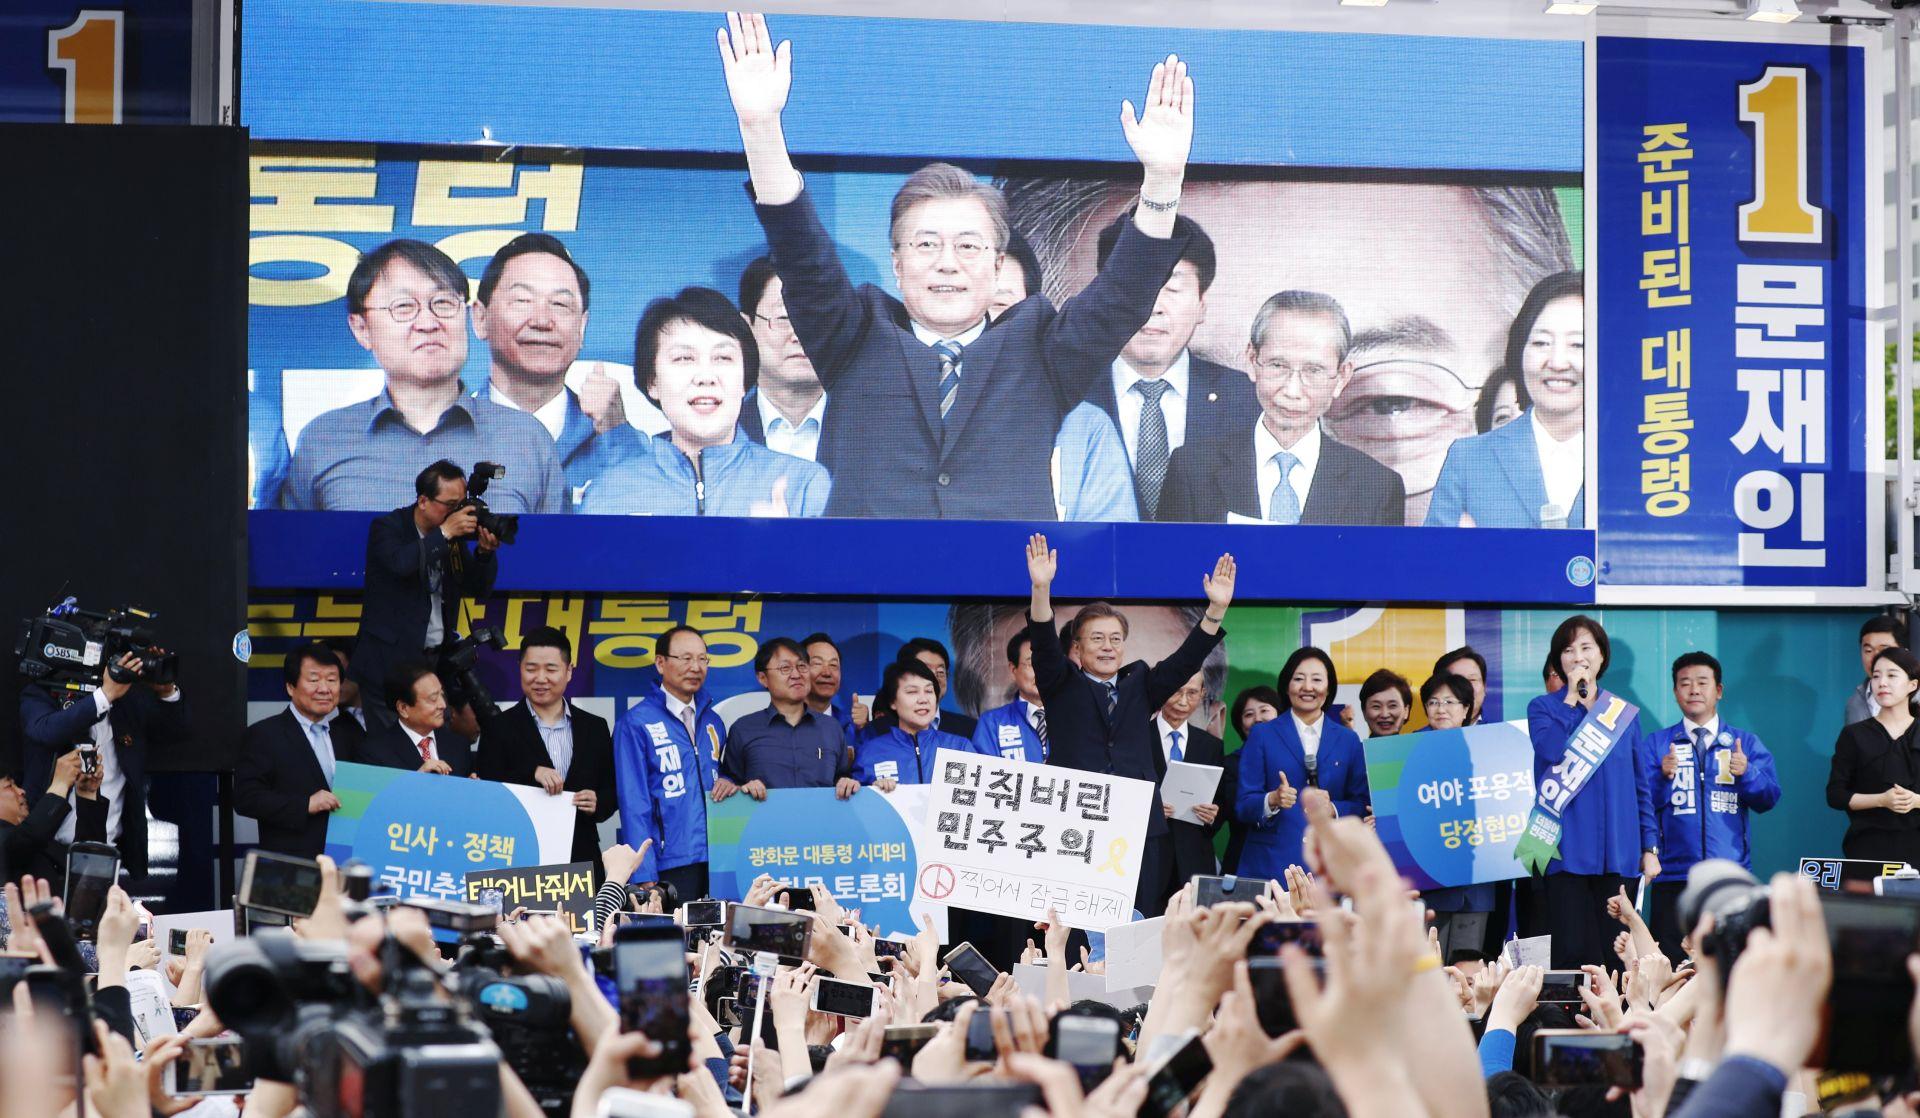 Novoizabrani predsjednik Južne Koreje najavio rad na odnosima sa Sjevernom Korejom